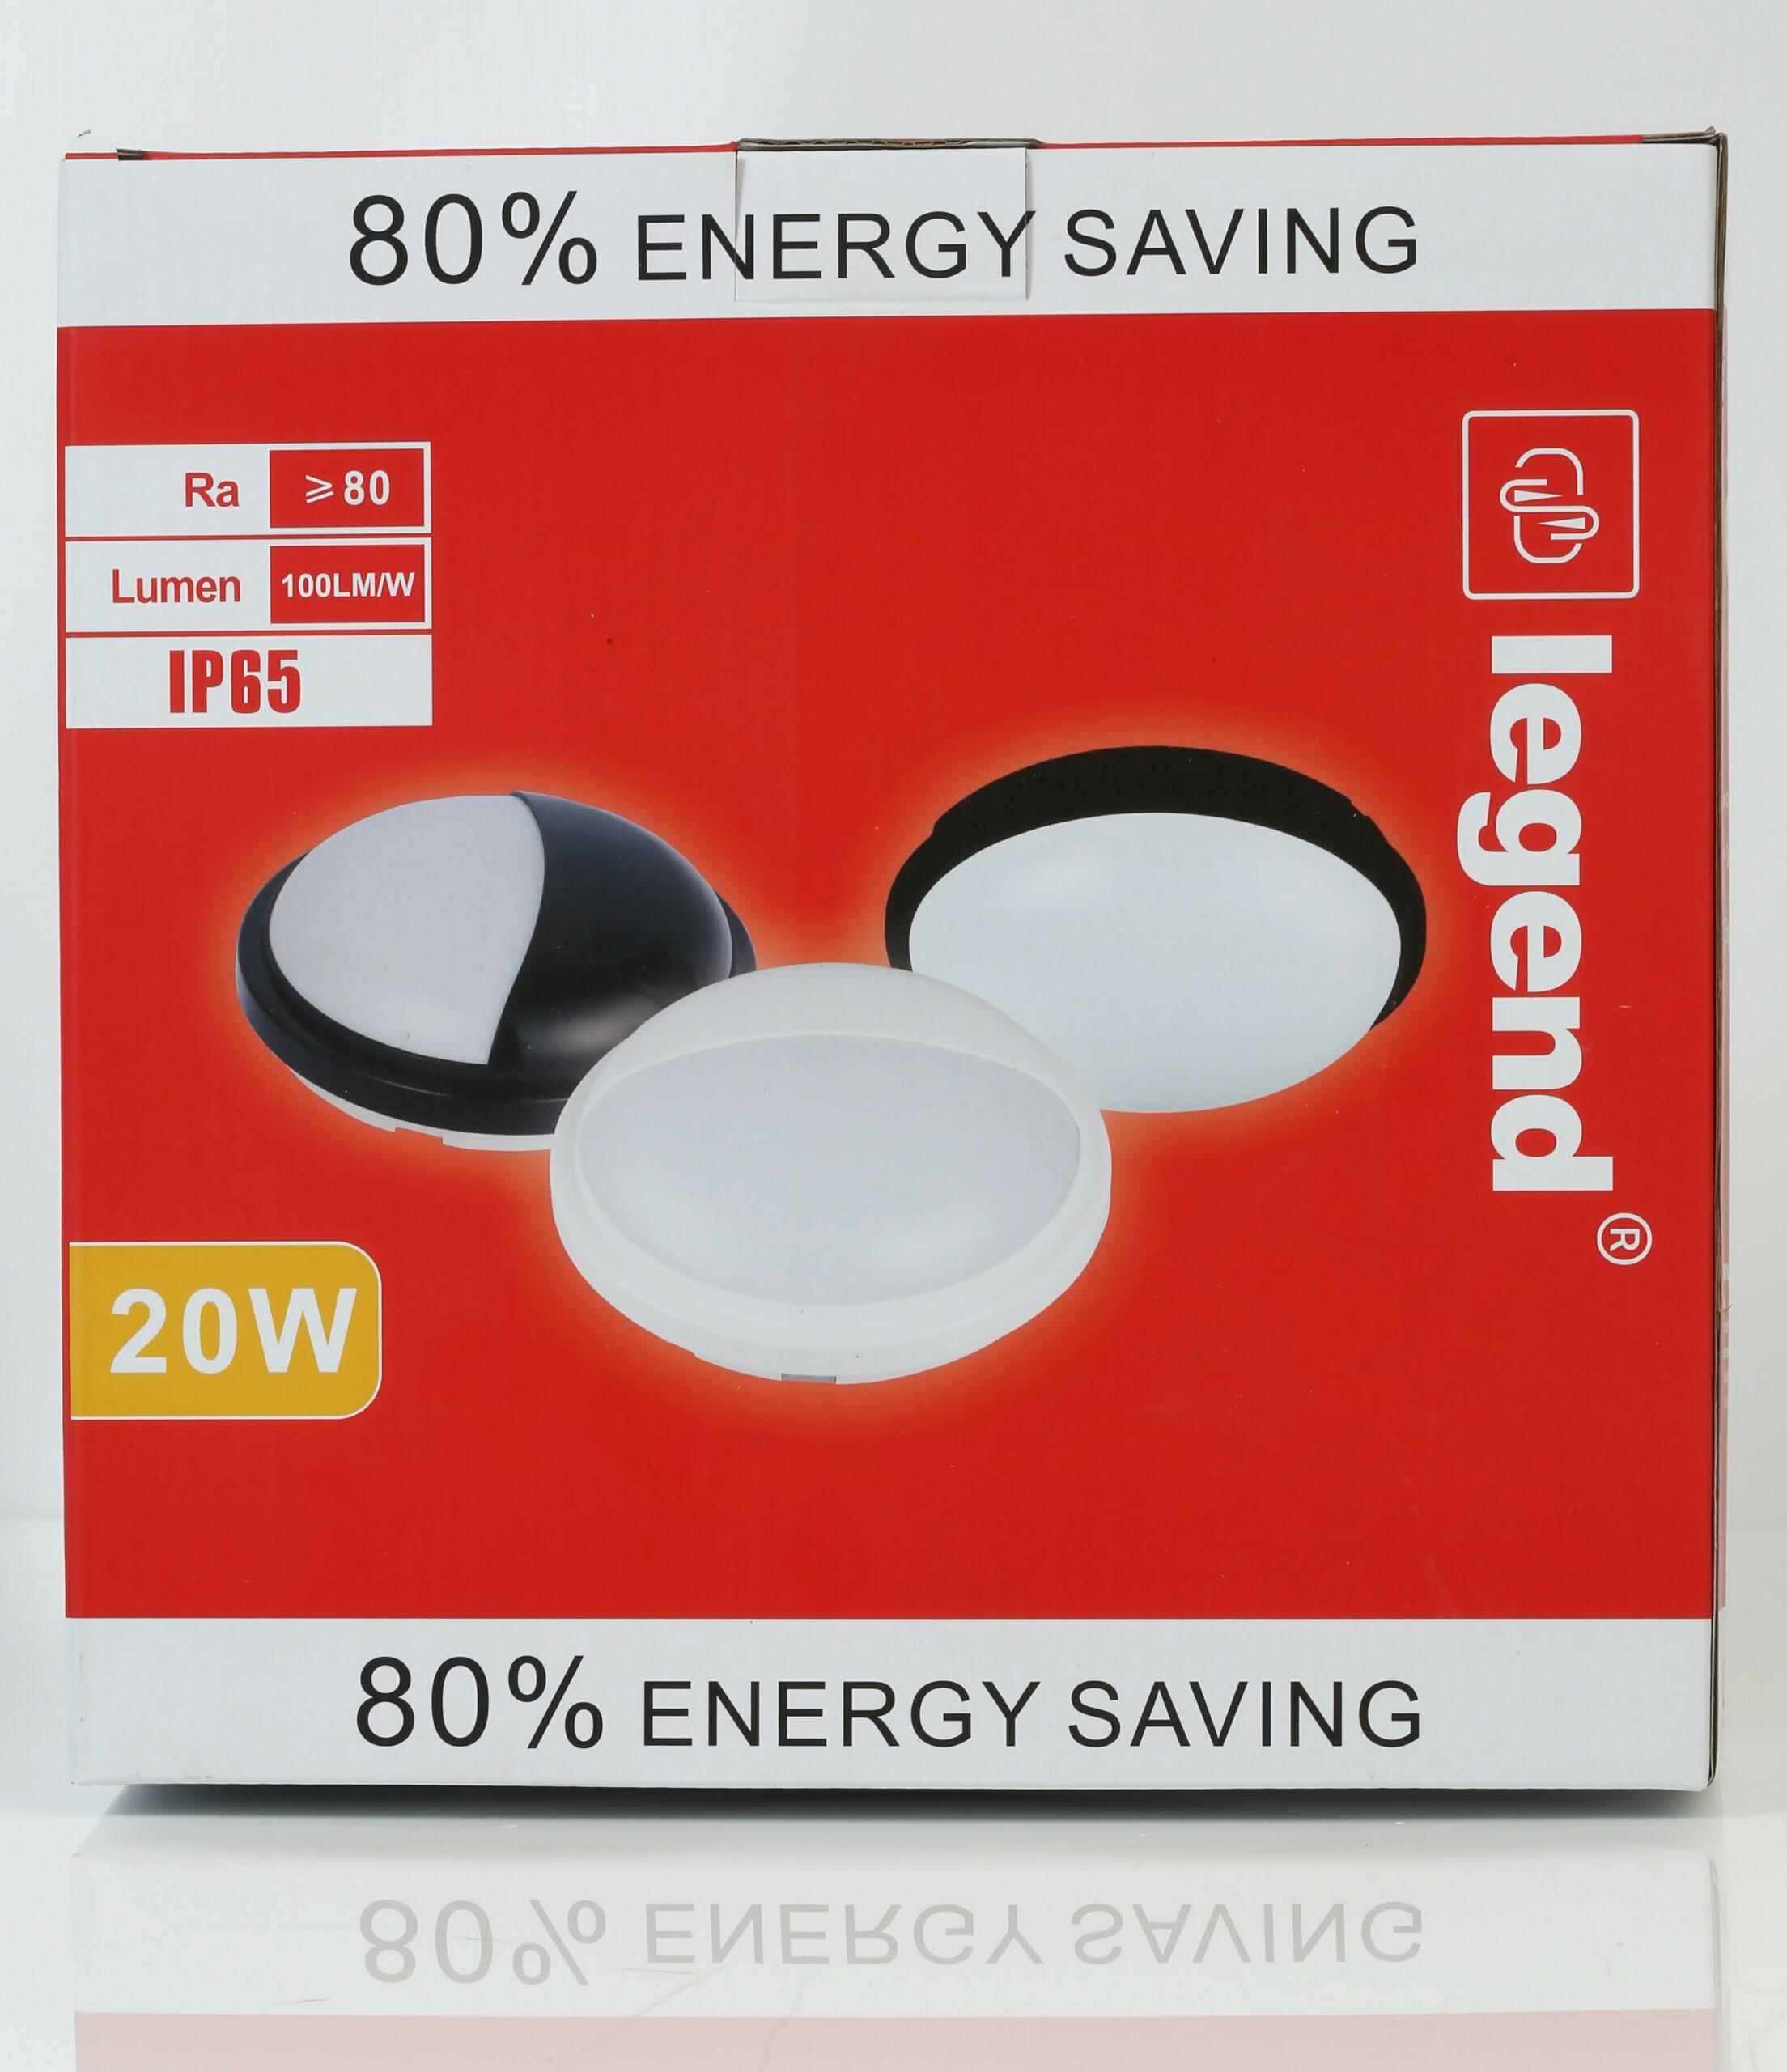 20W LED OUTDOOR BULKHEAD WATERPROOF - 7824-BK